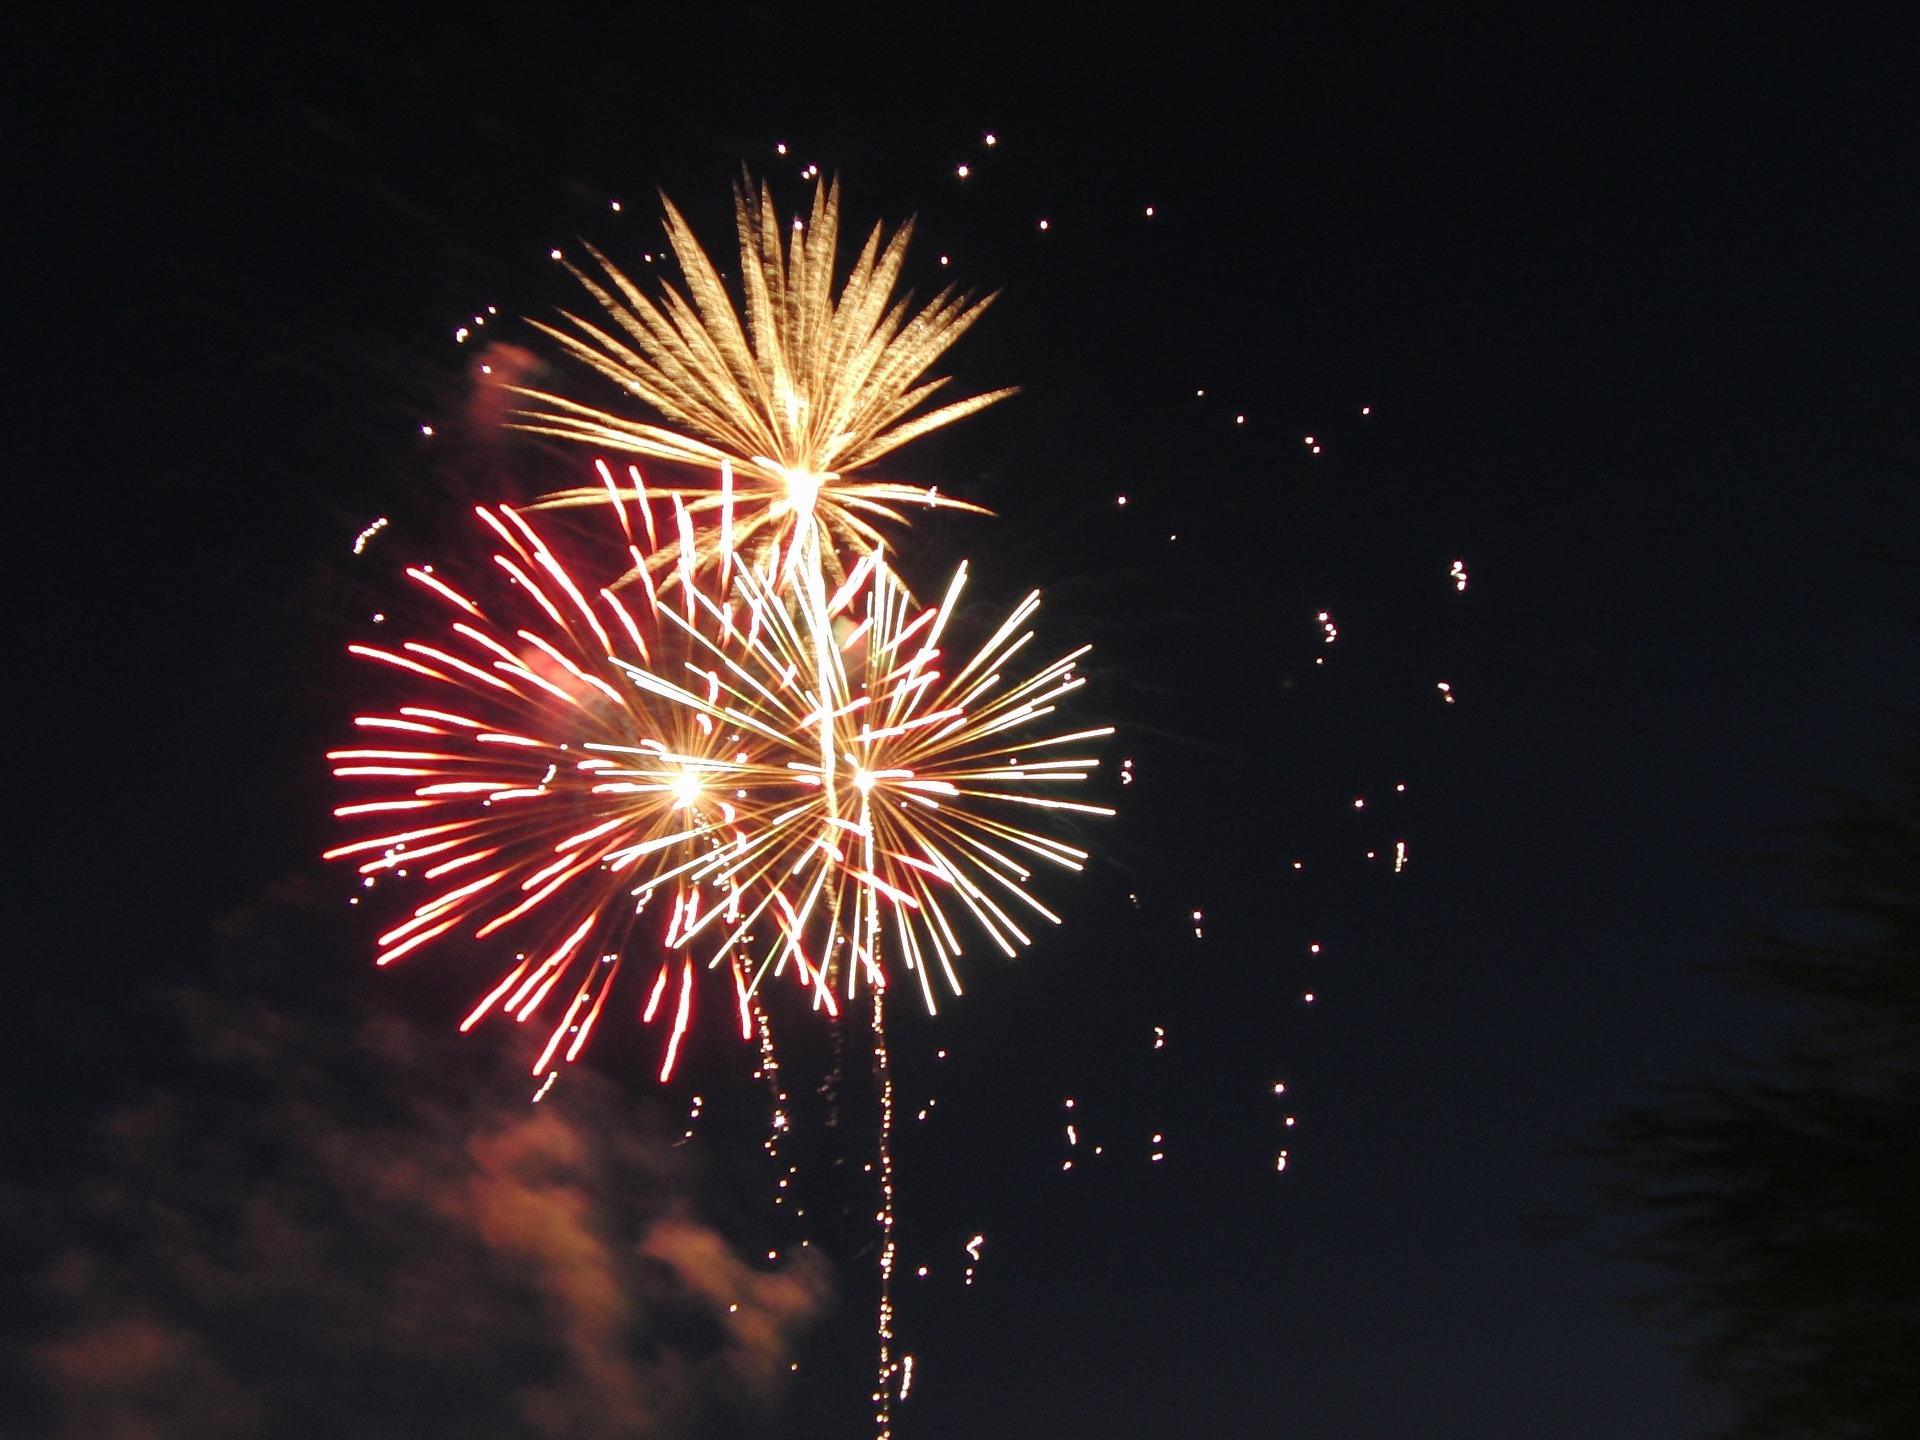 Салюты и фейерверки на Новый год 2020-2021 в Ялте: когда начнётся и где посмотреть, площадки для запуска